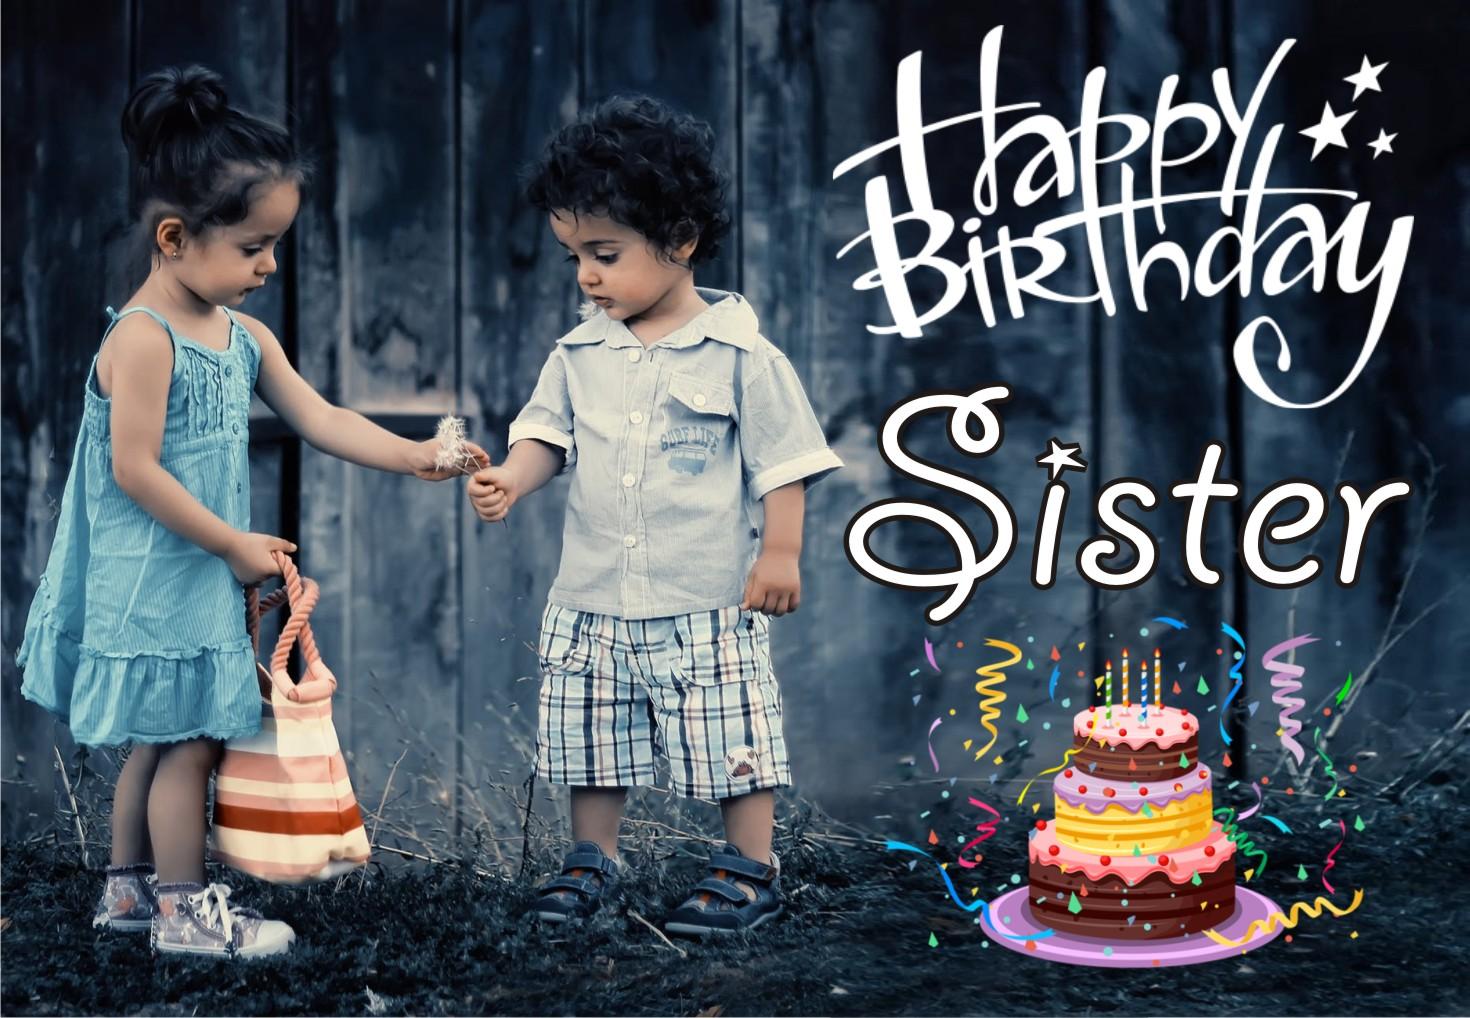 Happy Birthday Sister Boy Girl Whatsapp Dp 1470x1018 Wallpaper Teahub Io